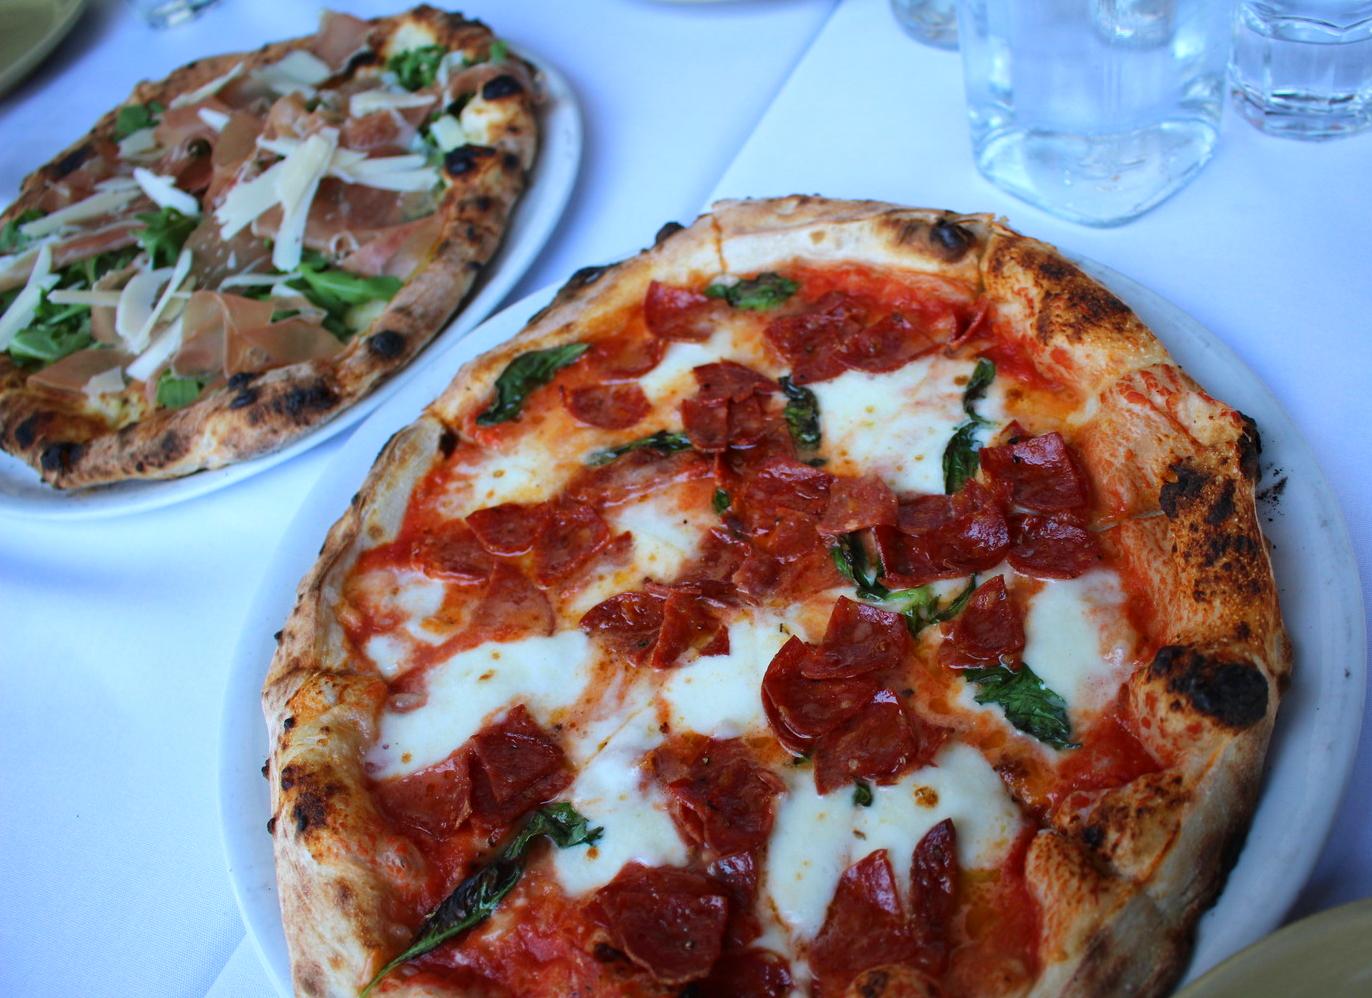 Diavolo pizza and prosciutto pizza.